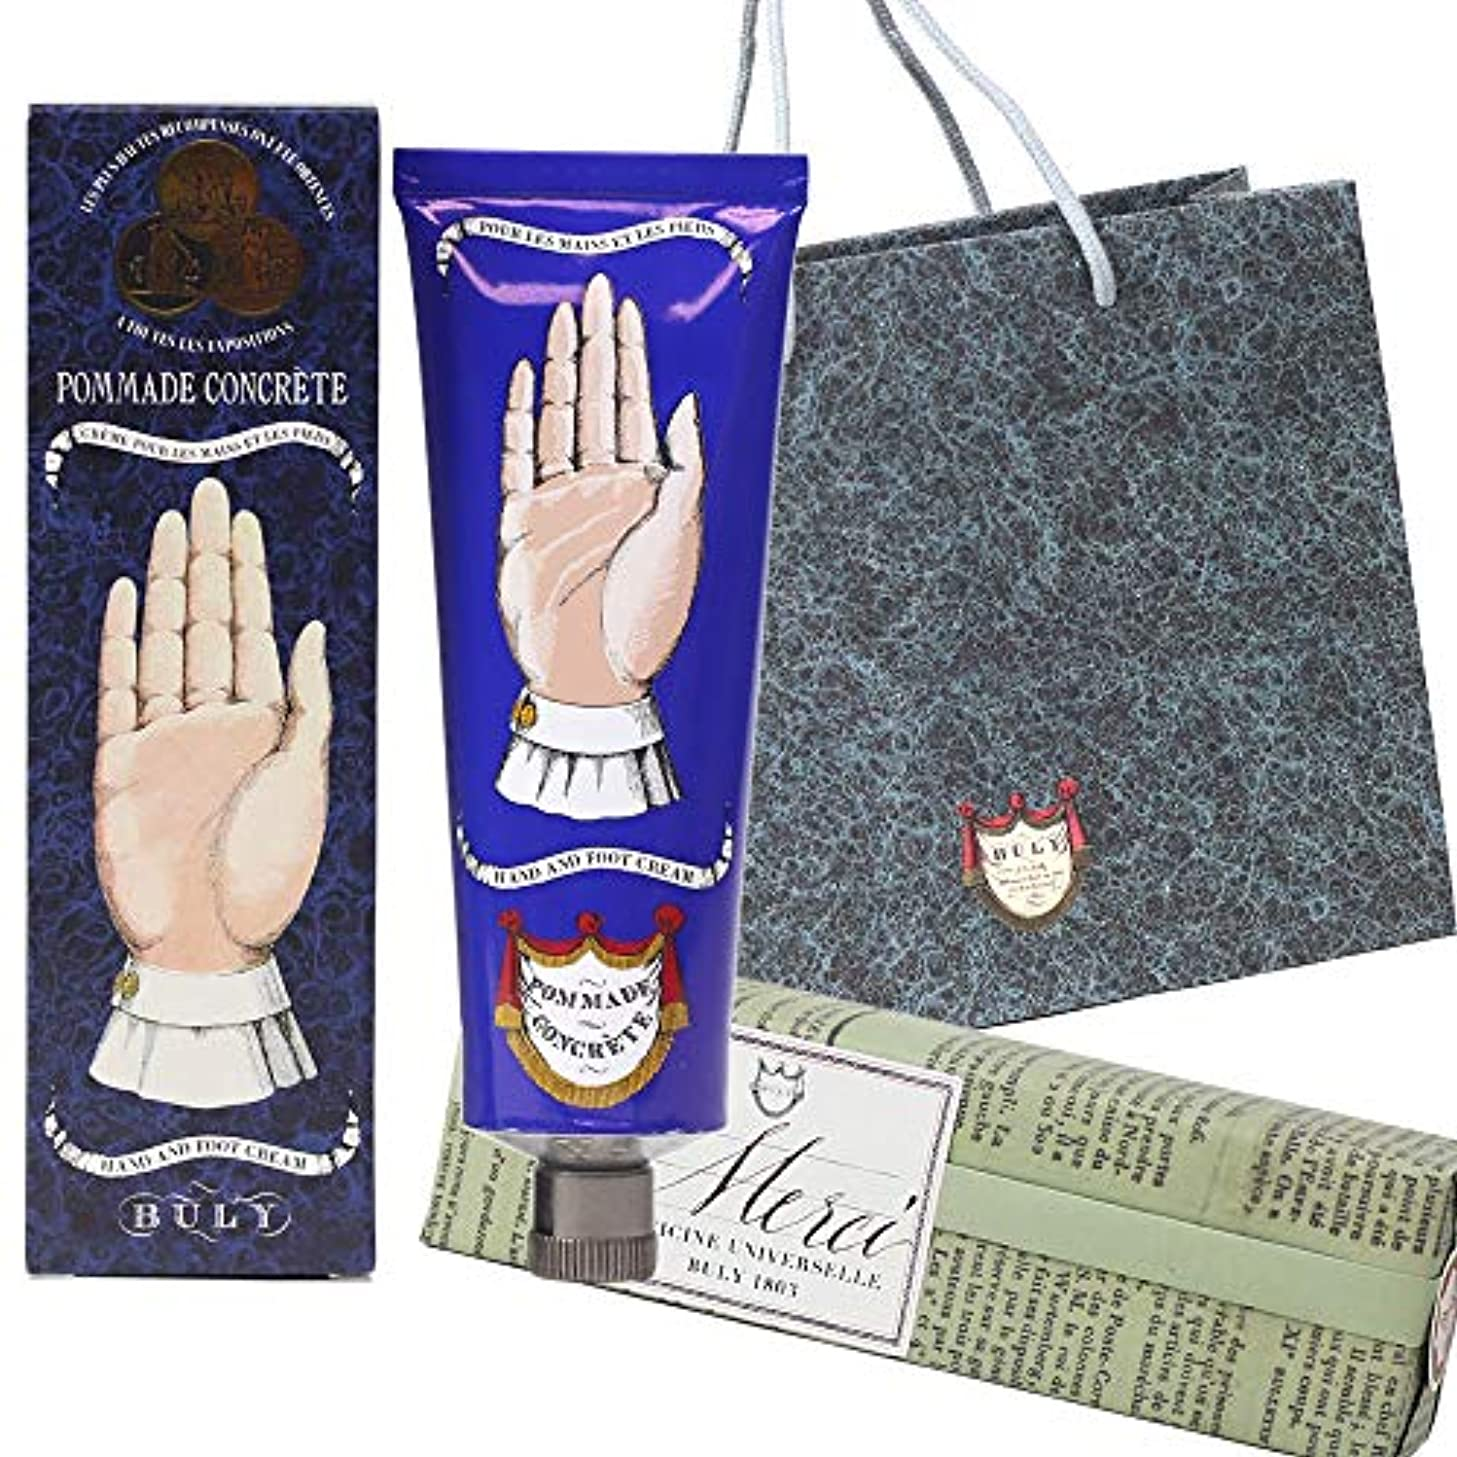 みなす性格分類[セット品] ギフトラッピング済み&紙袋付き ビュリー ポマード?コンクレット ハンド&フット用クリーム 75g